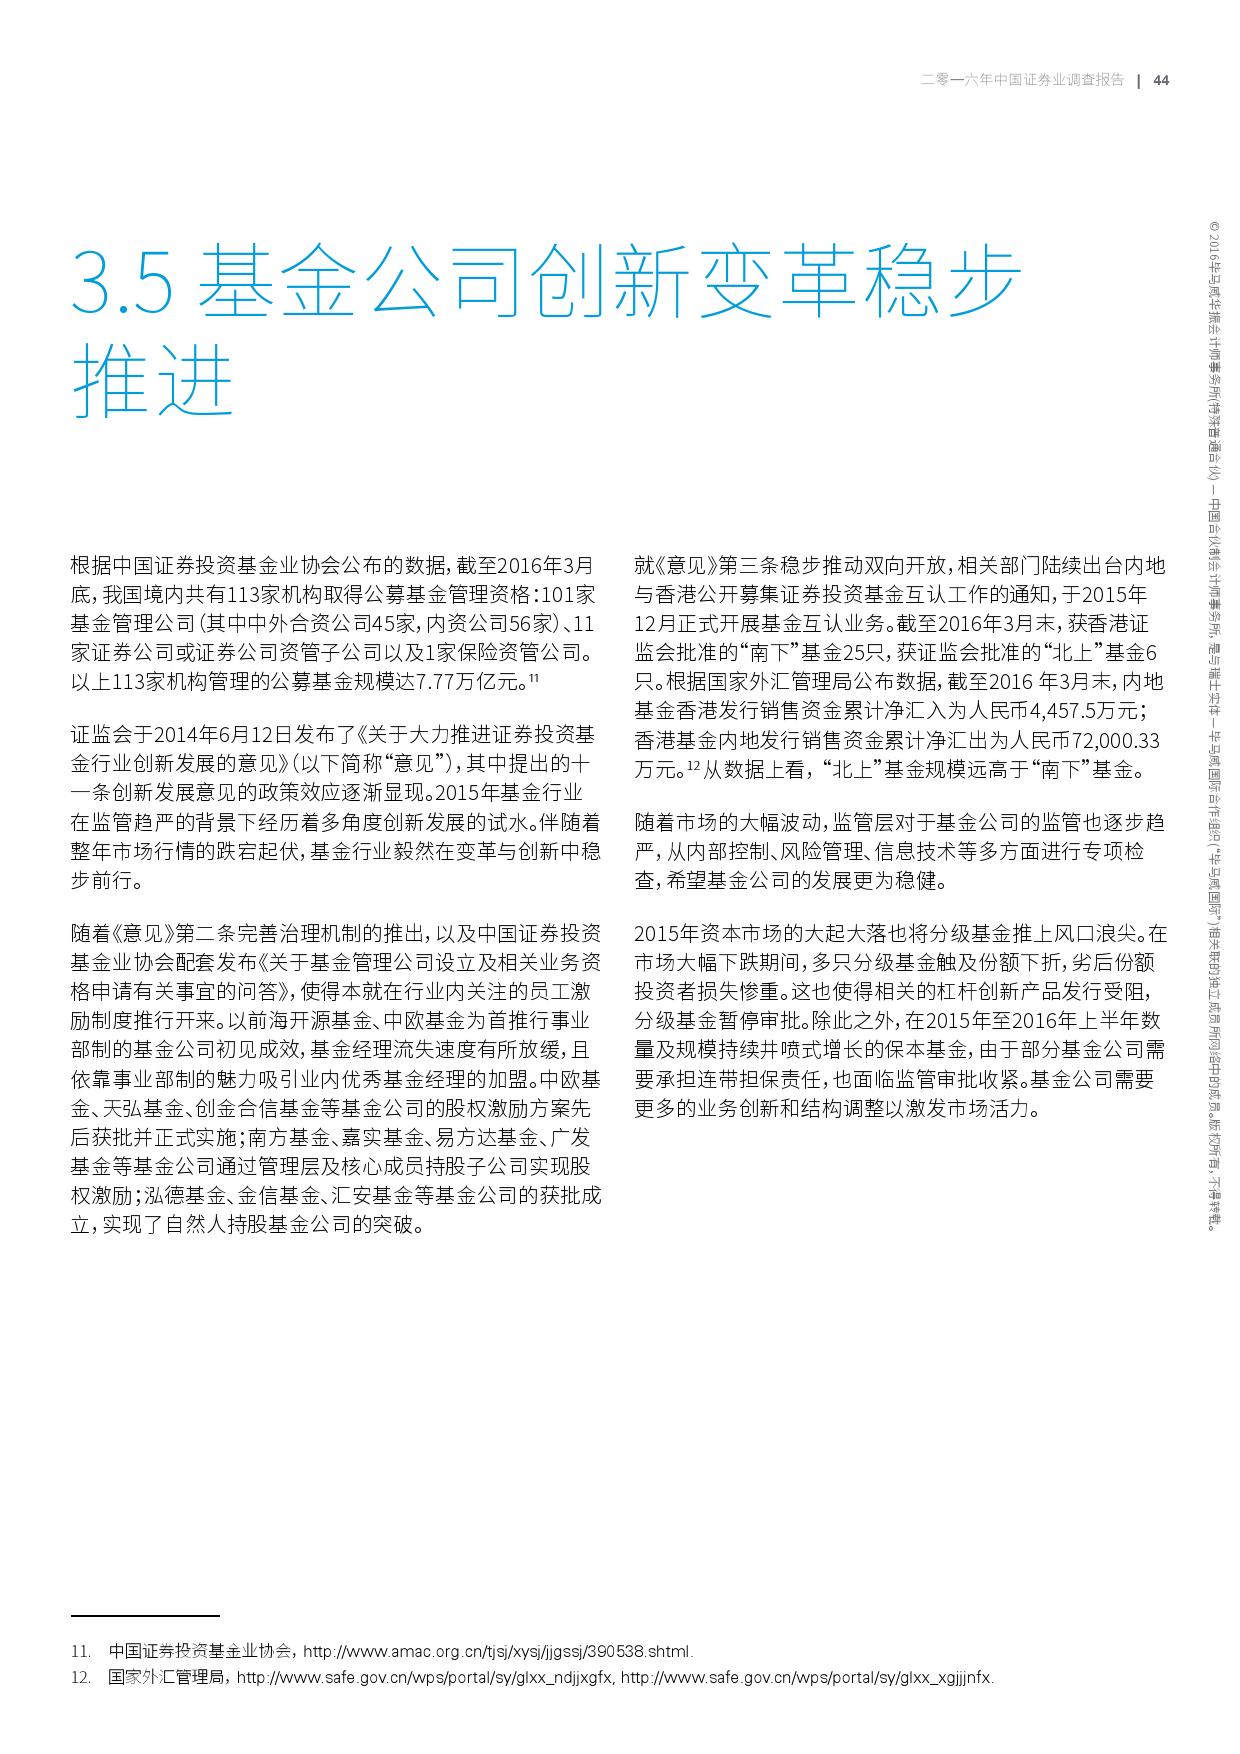 2016年中国证券业调查报告_000047